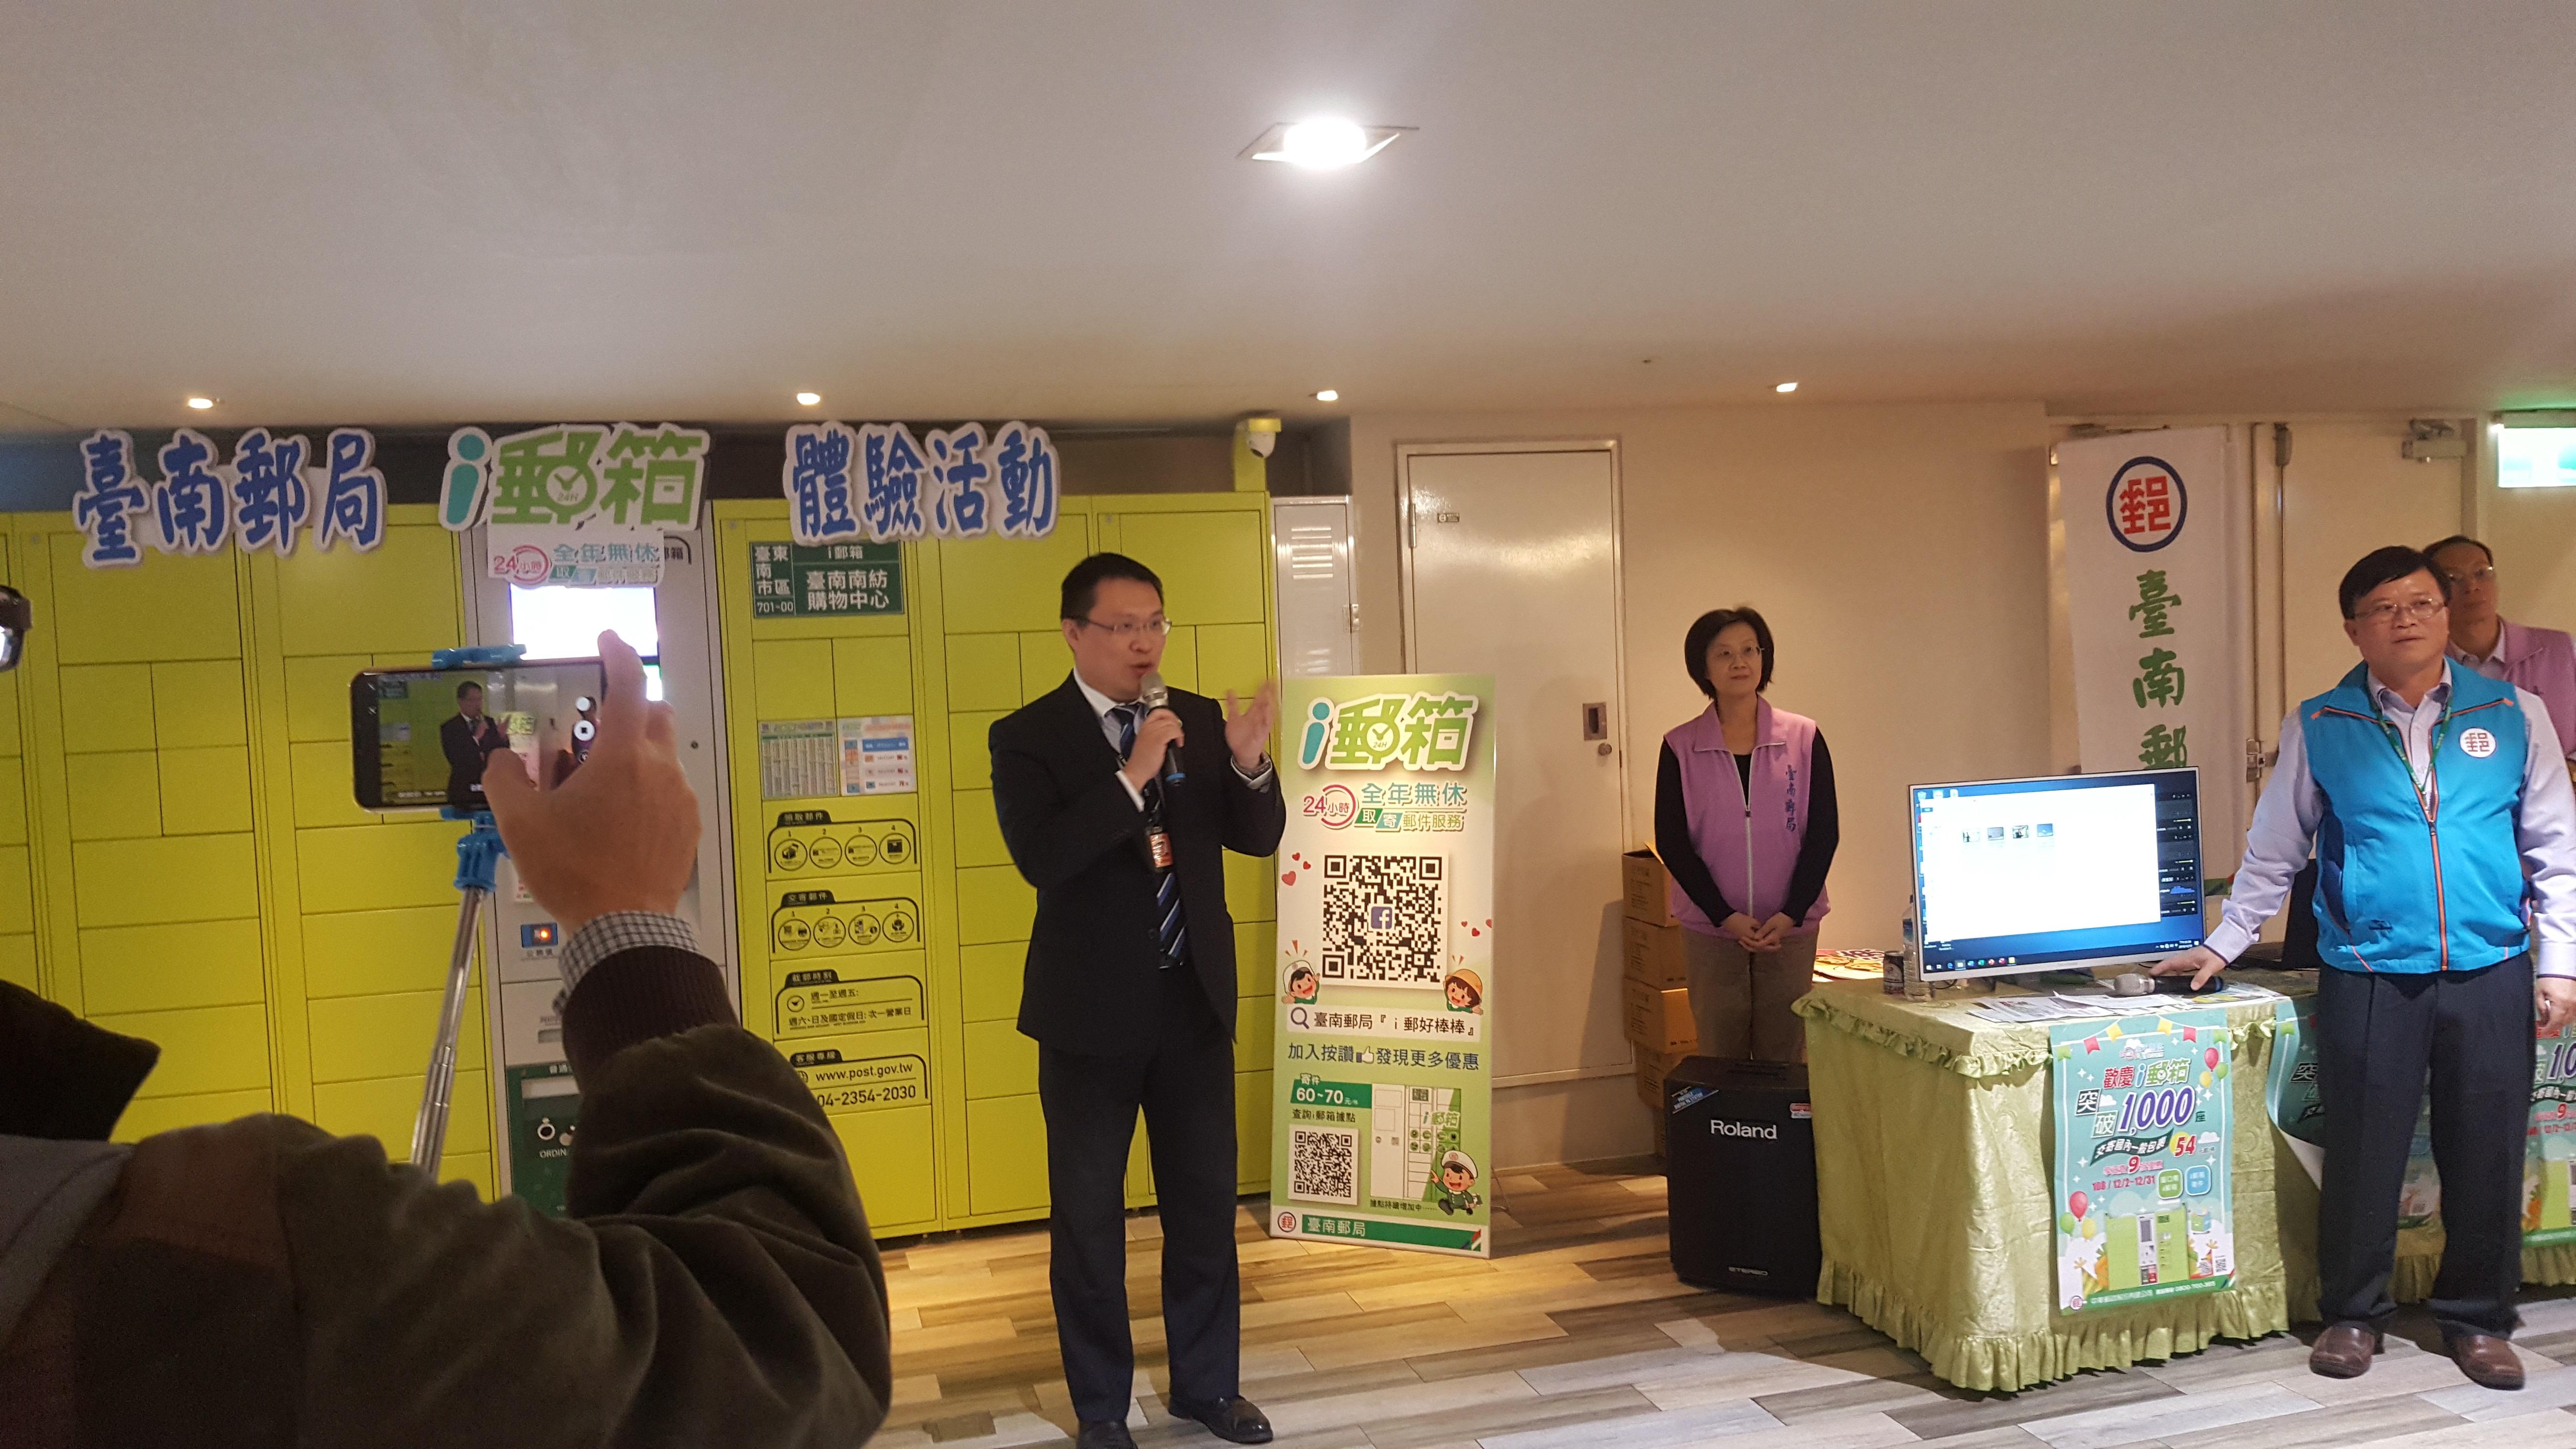 臺南郵局舉辦「南紡購物中心i郵箱體驗」活動